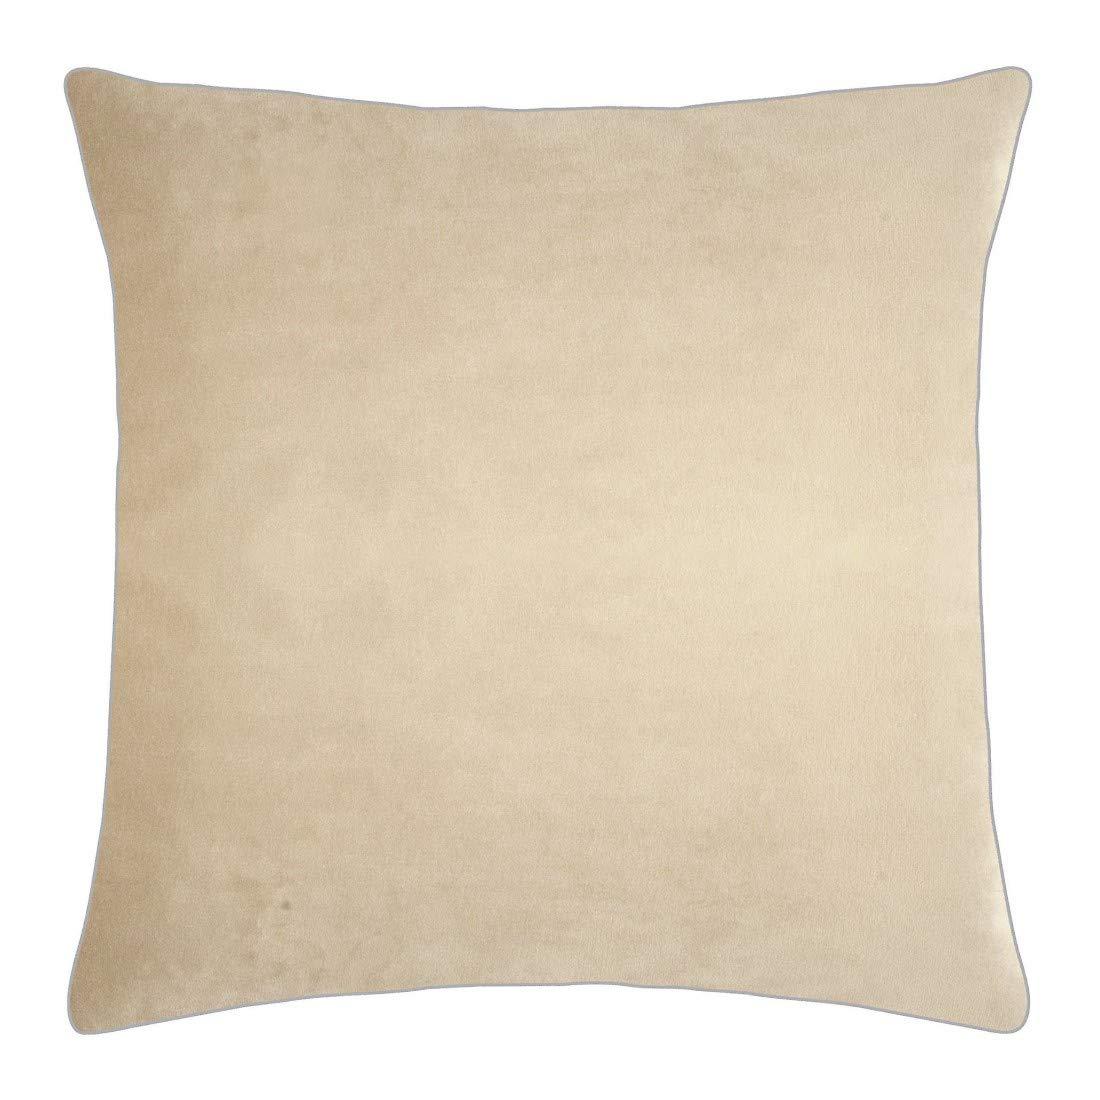 2er Set Pad Kissenhüllen - Elegance - in in in der Größe 40 x 40 cm mit Zwei Goodman Füllkissen - in Vielen Farben - Komplett, Farbe Pad Sand_B01 B07G6MMSMV Zierkissenbezüge d8a5a8